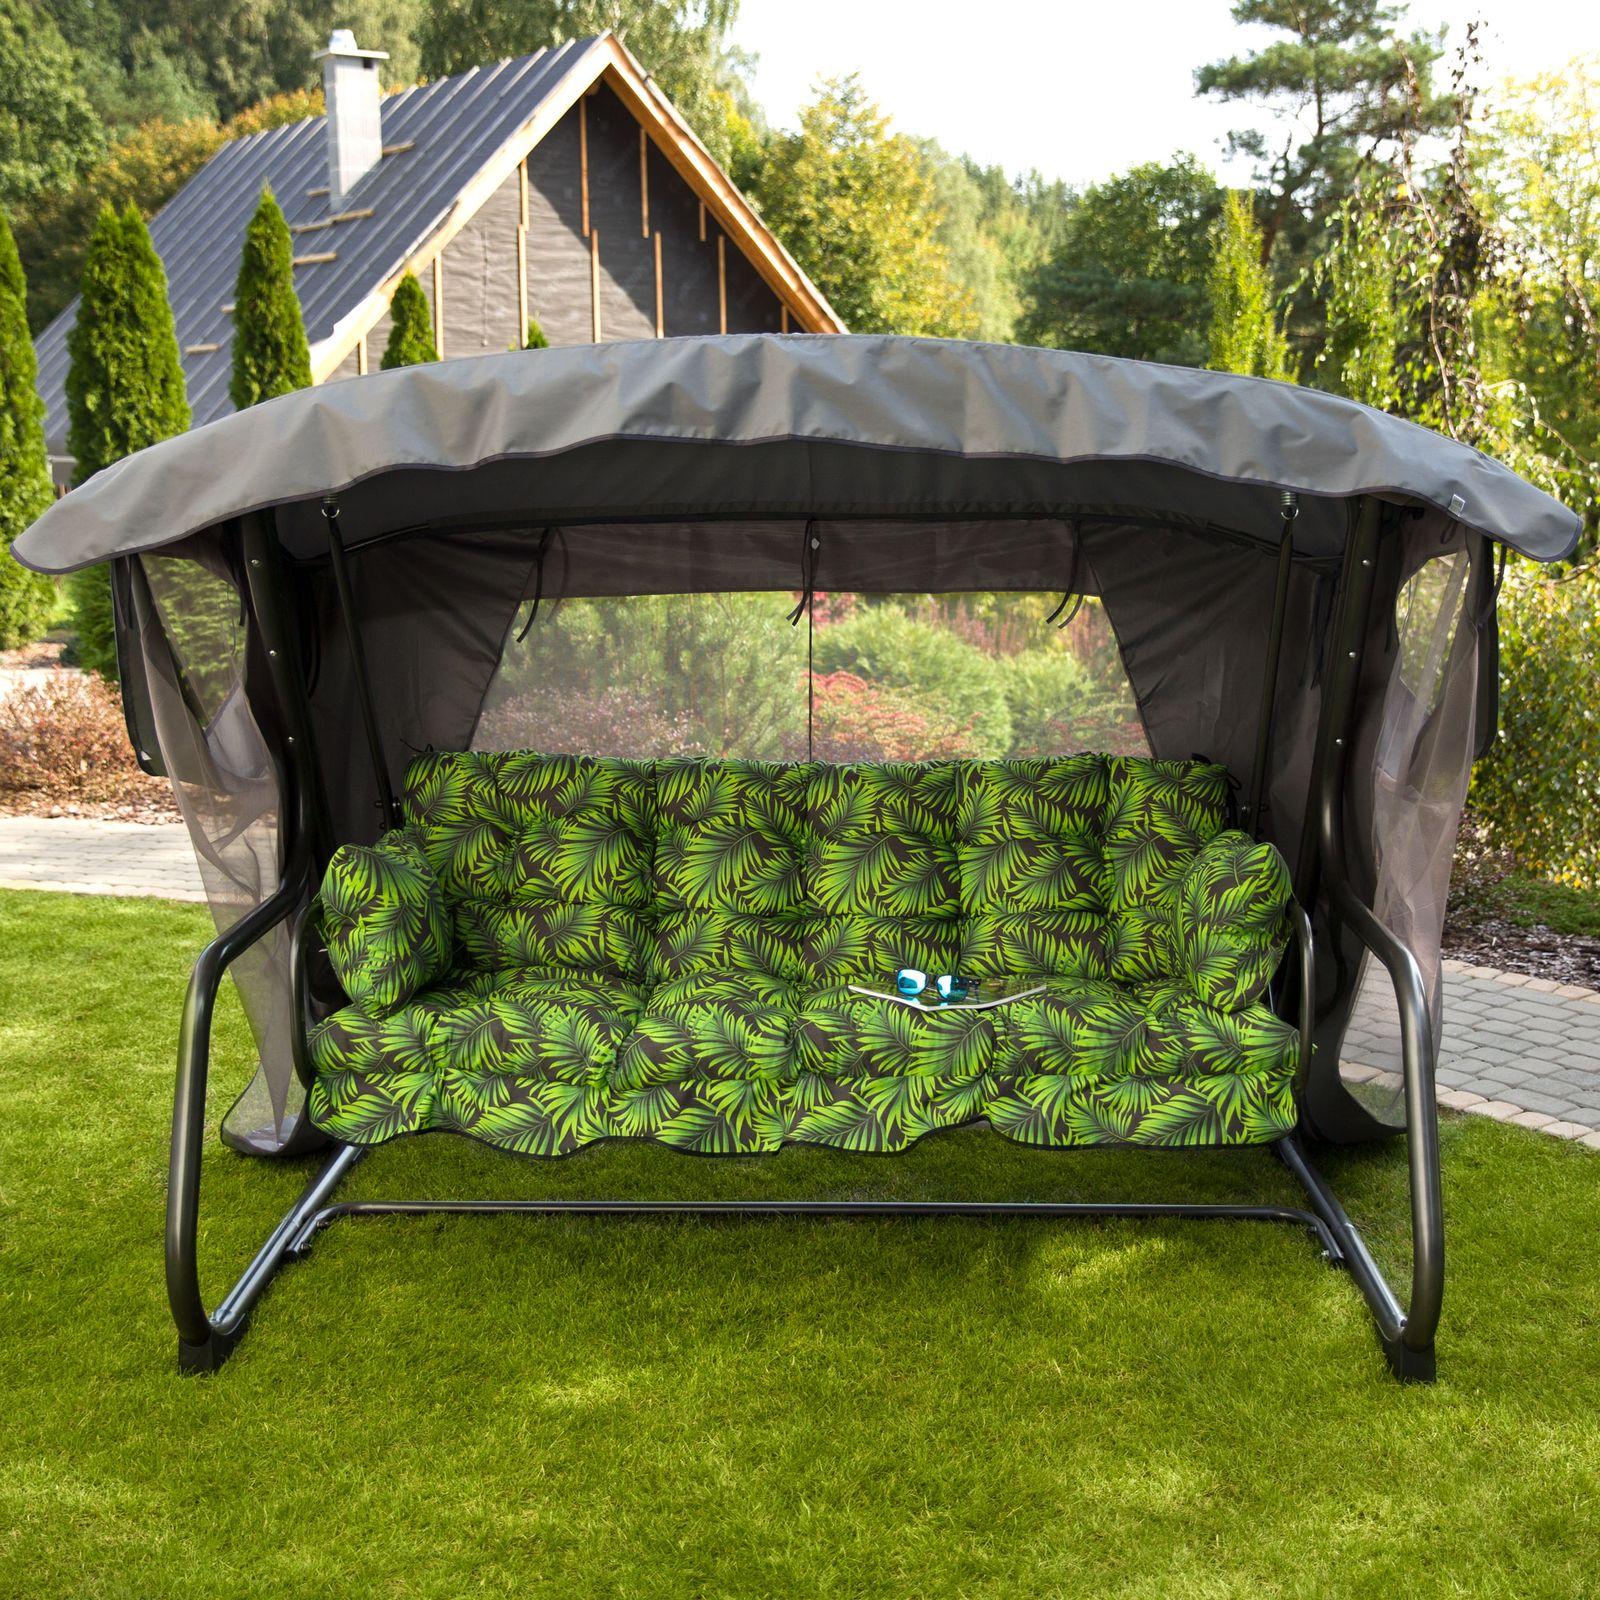 Záhradná hojdačka Ravenna Lux s moskytiérou G041-02PB PATIO